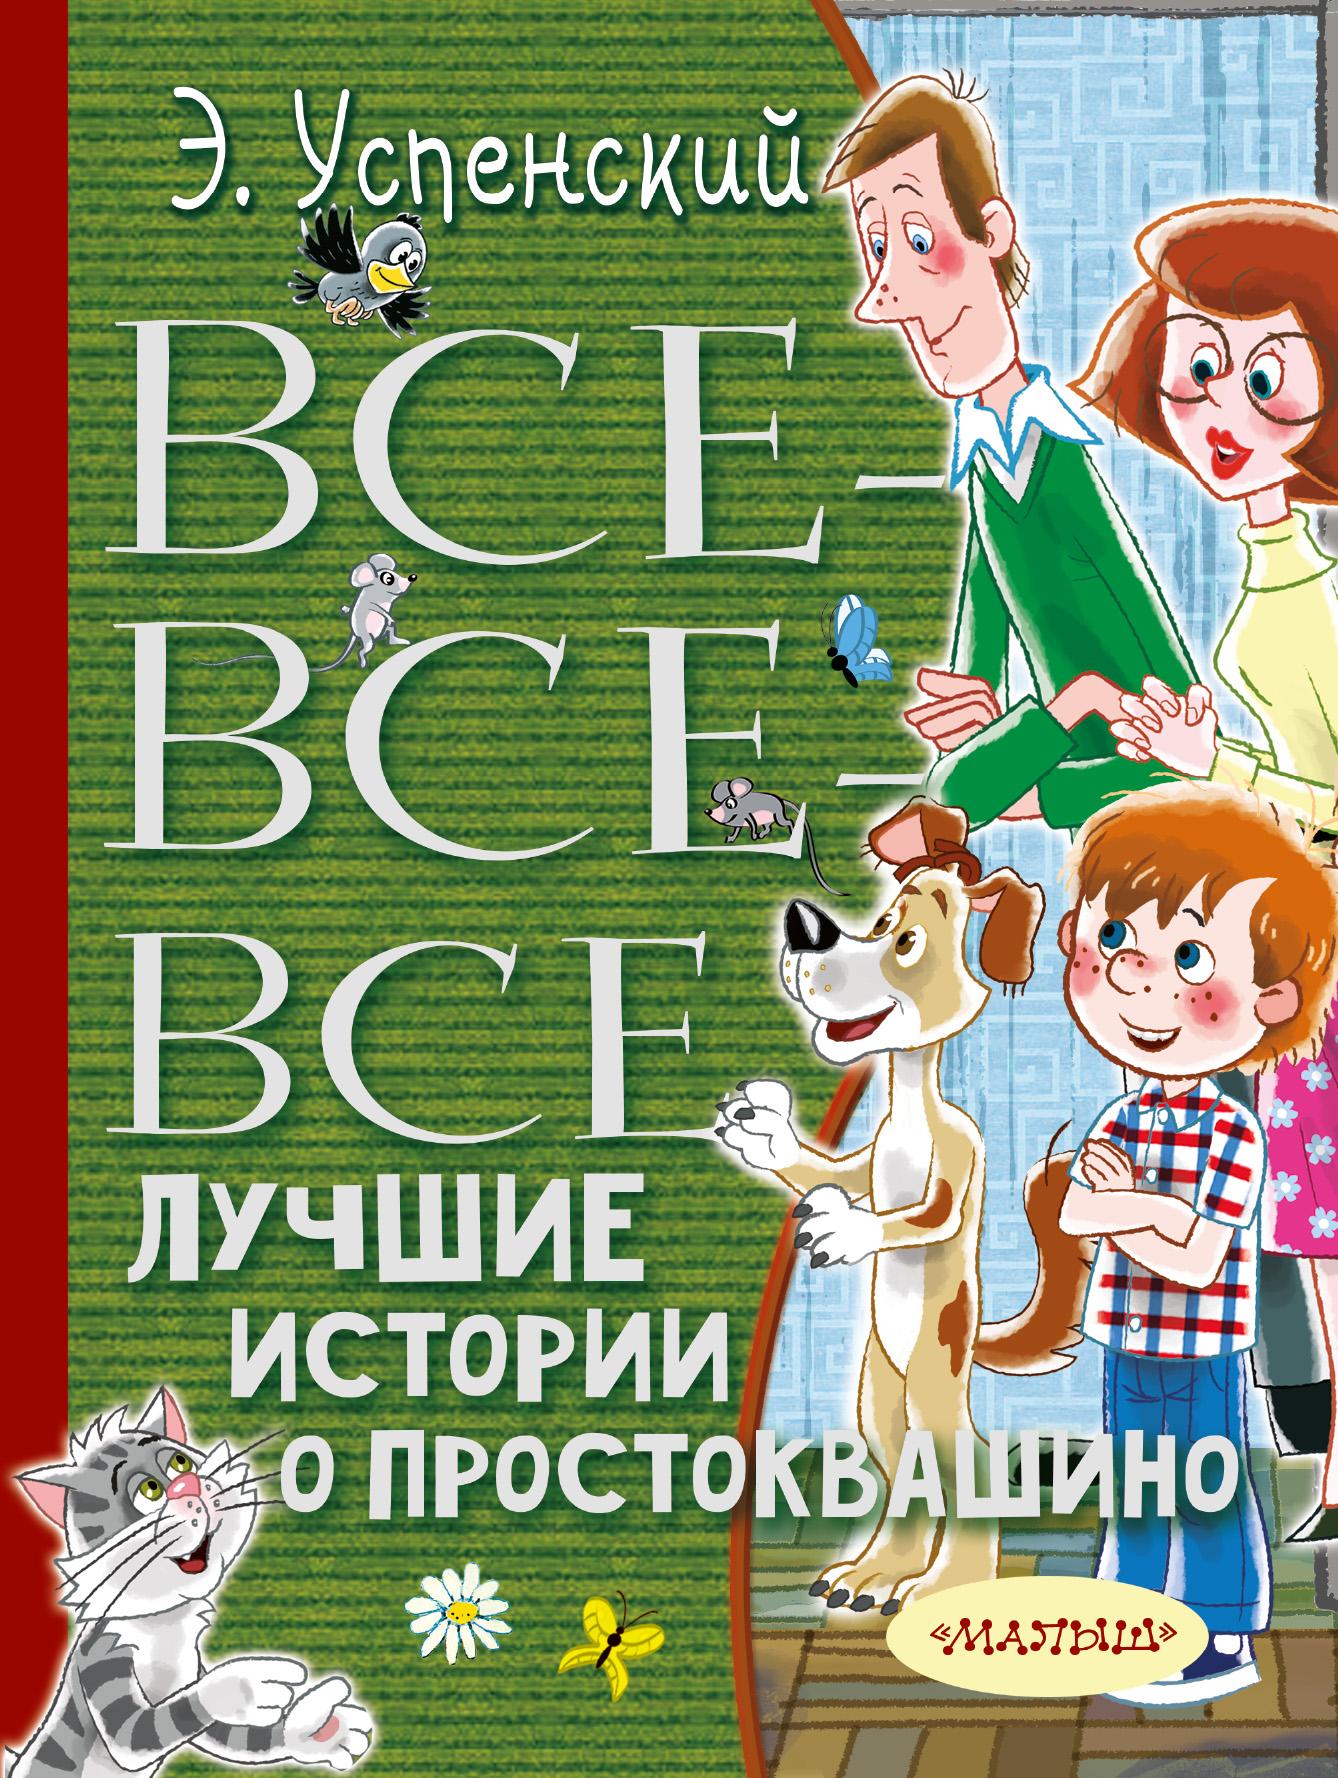 Э. Успенский Все-все-все лучшие истории о Простоквашино успенский э все все все лучшие истории о простоквашино